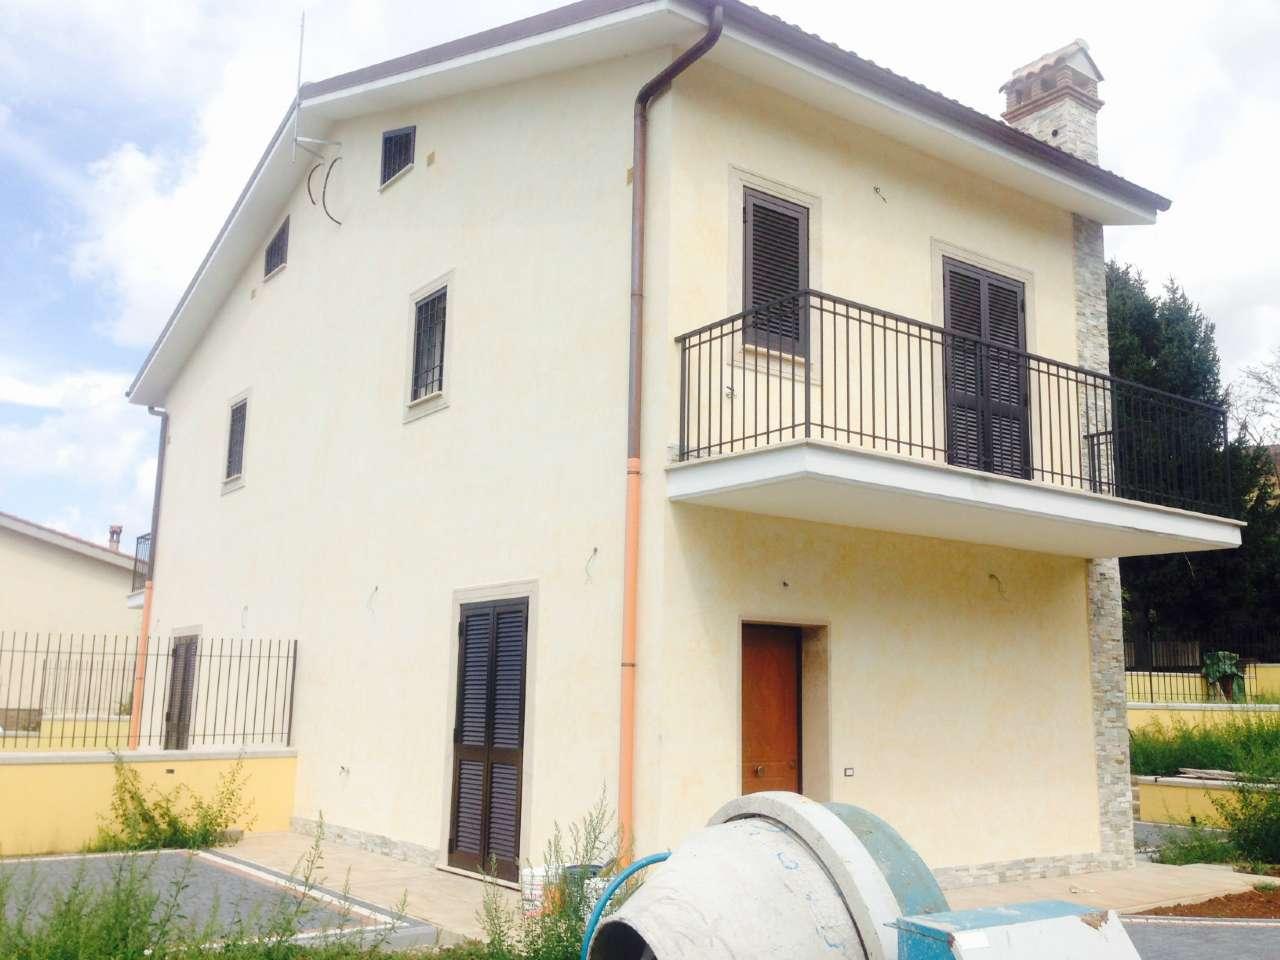 Villa in vendita a Rocca Priora, 4 locali, prezzo € 239.000 | CambioCasa.it